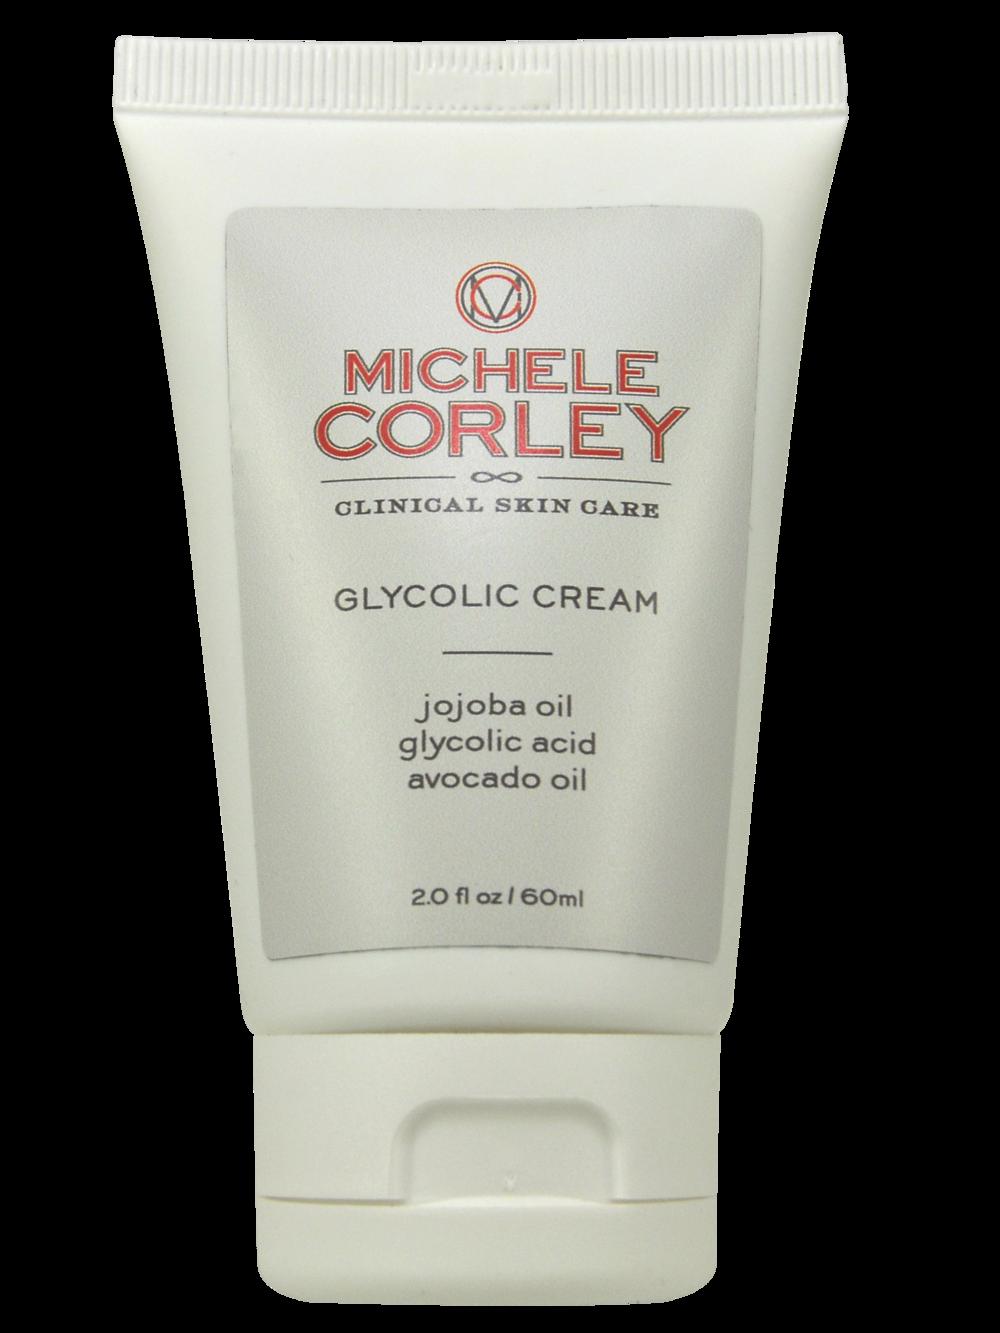 Glycolic Cream